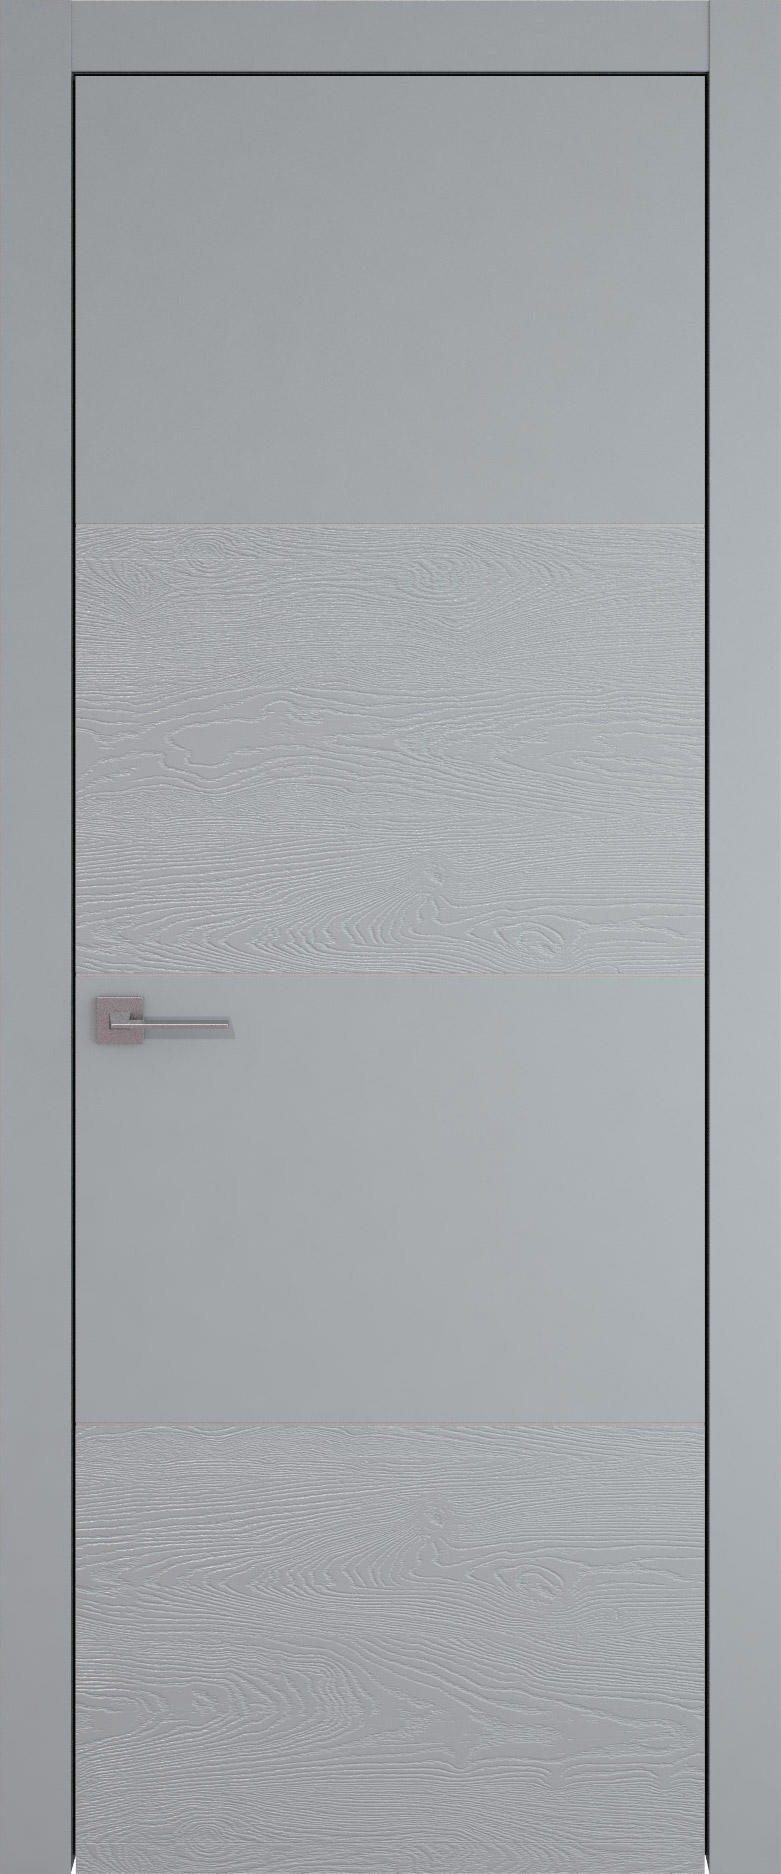 Tivoli Г-2 цвет - Серебристо-серая эмаль-эмаль по шпону (RAL 7045) Без стекла (ДГ)